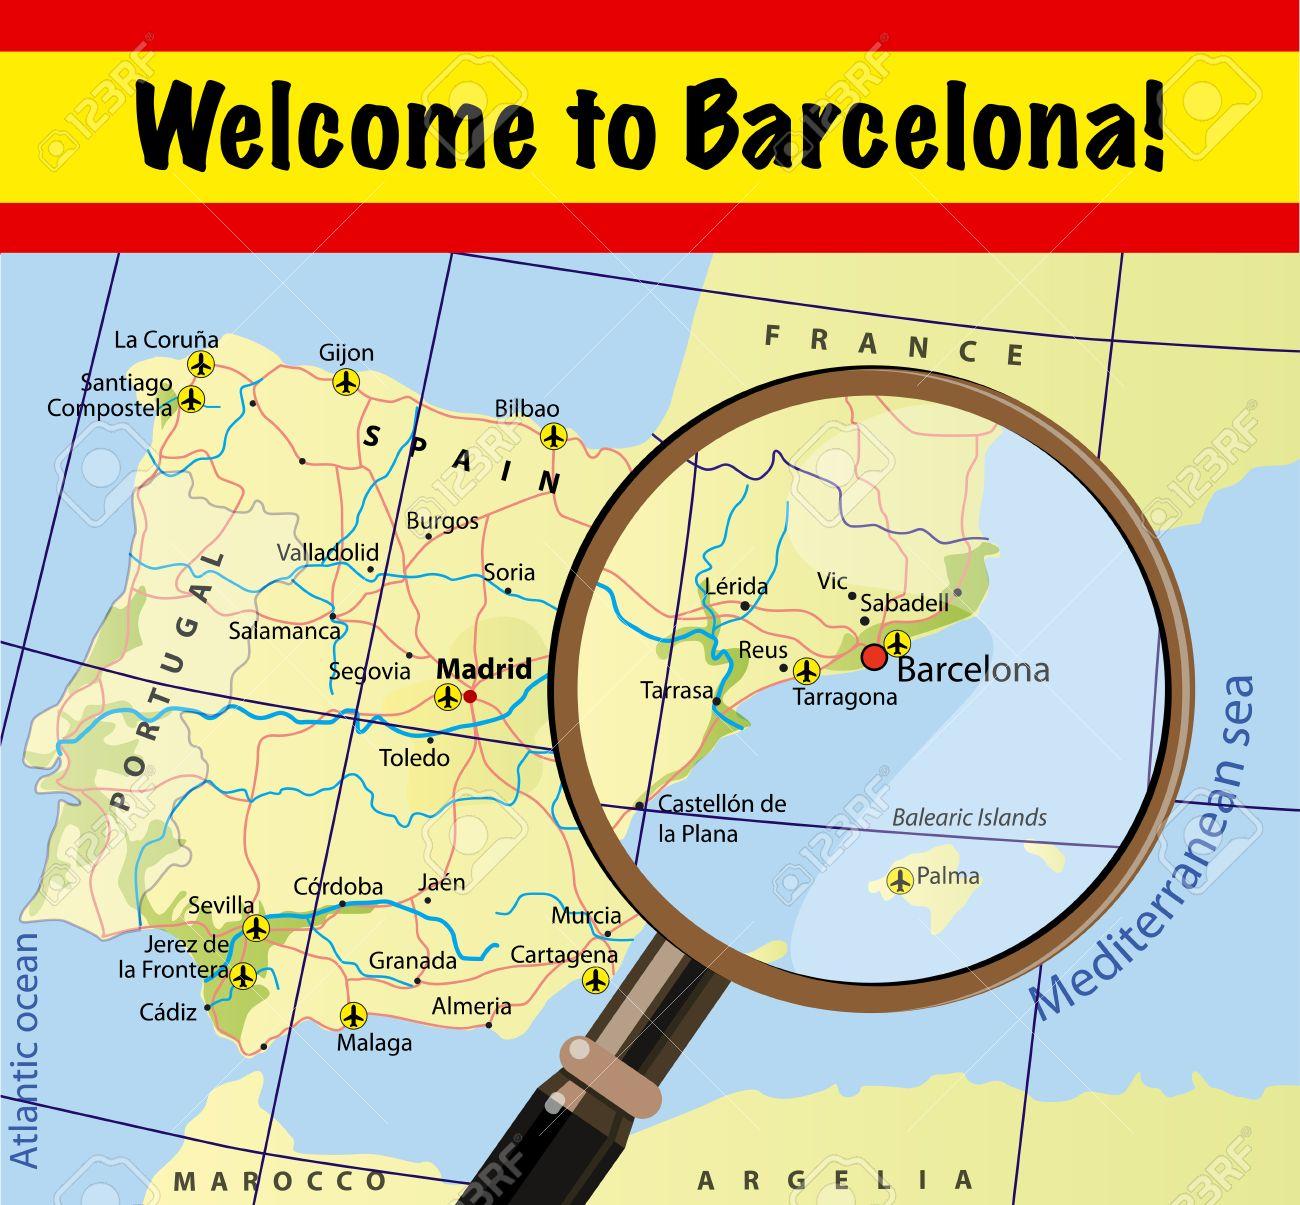 barcelona karte Willkommen In Barcelona. Sehenswürdigkeiten Auf Der Karte